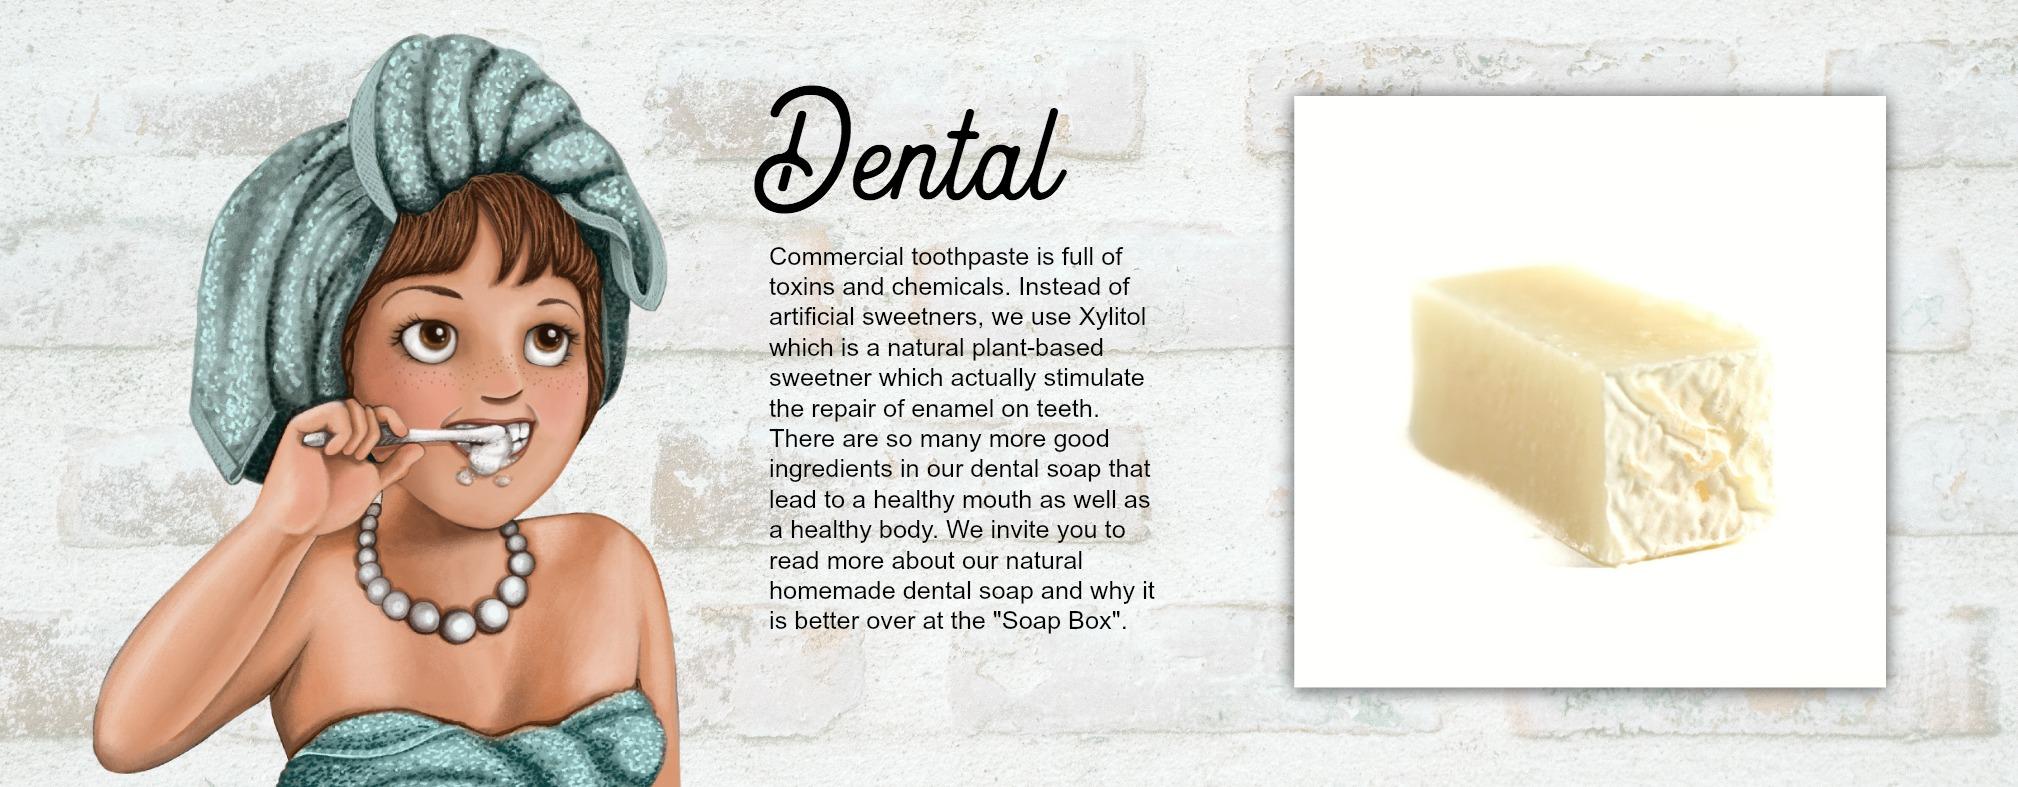 Dental Banner Ad.jpg